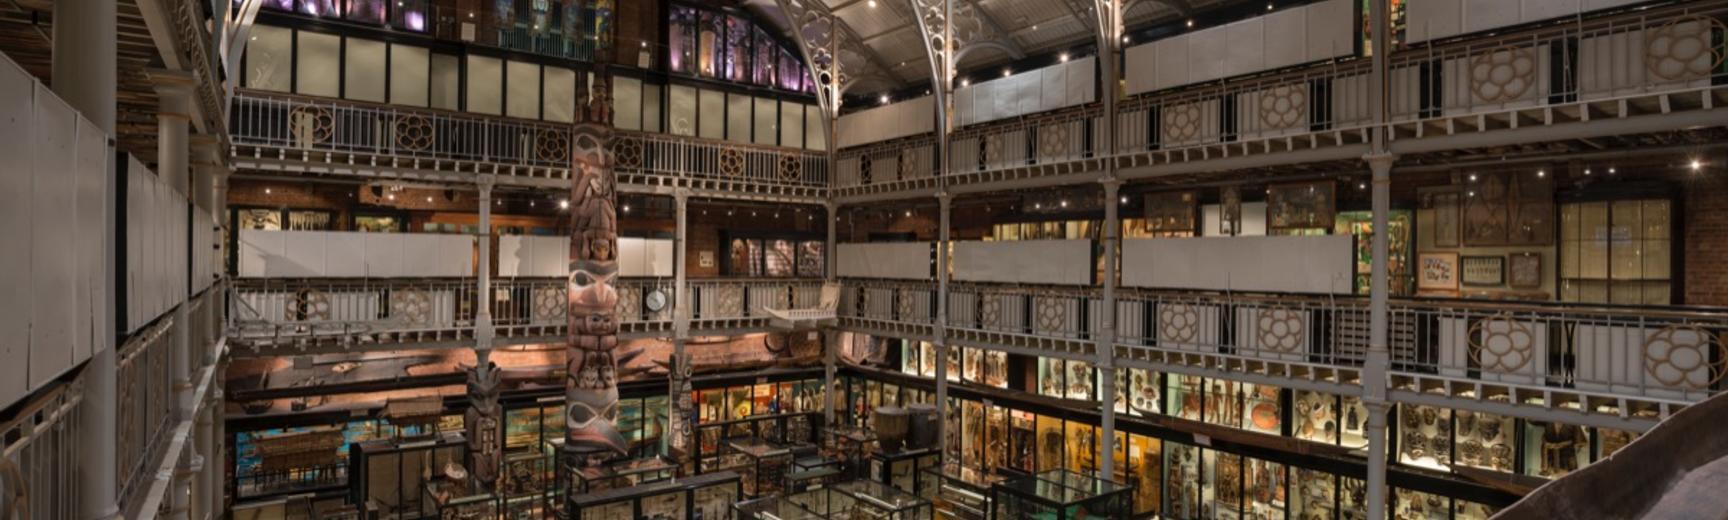 pitt rivers museum 2014 73 1 1